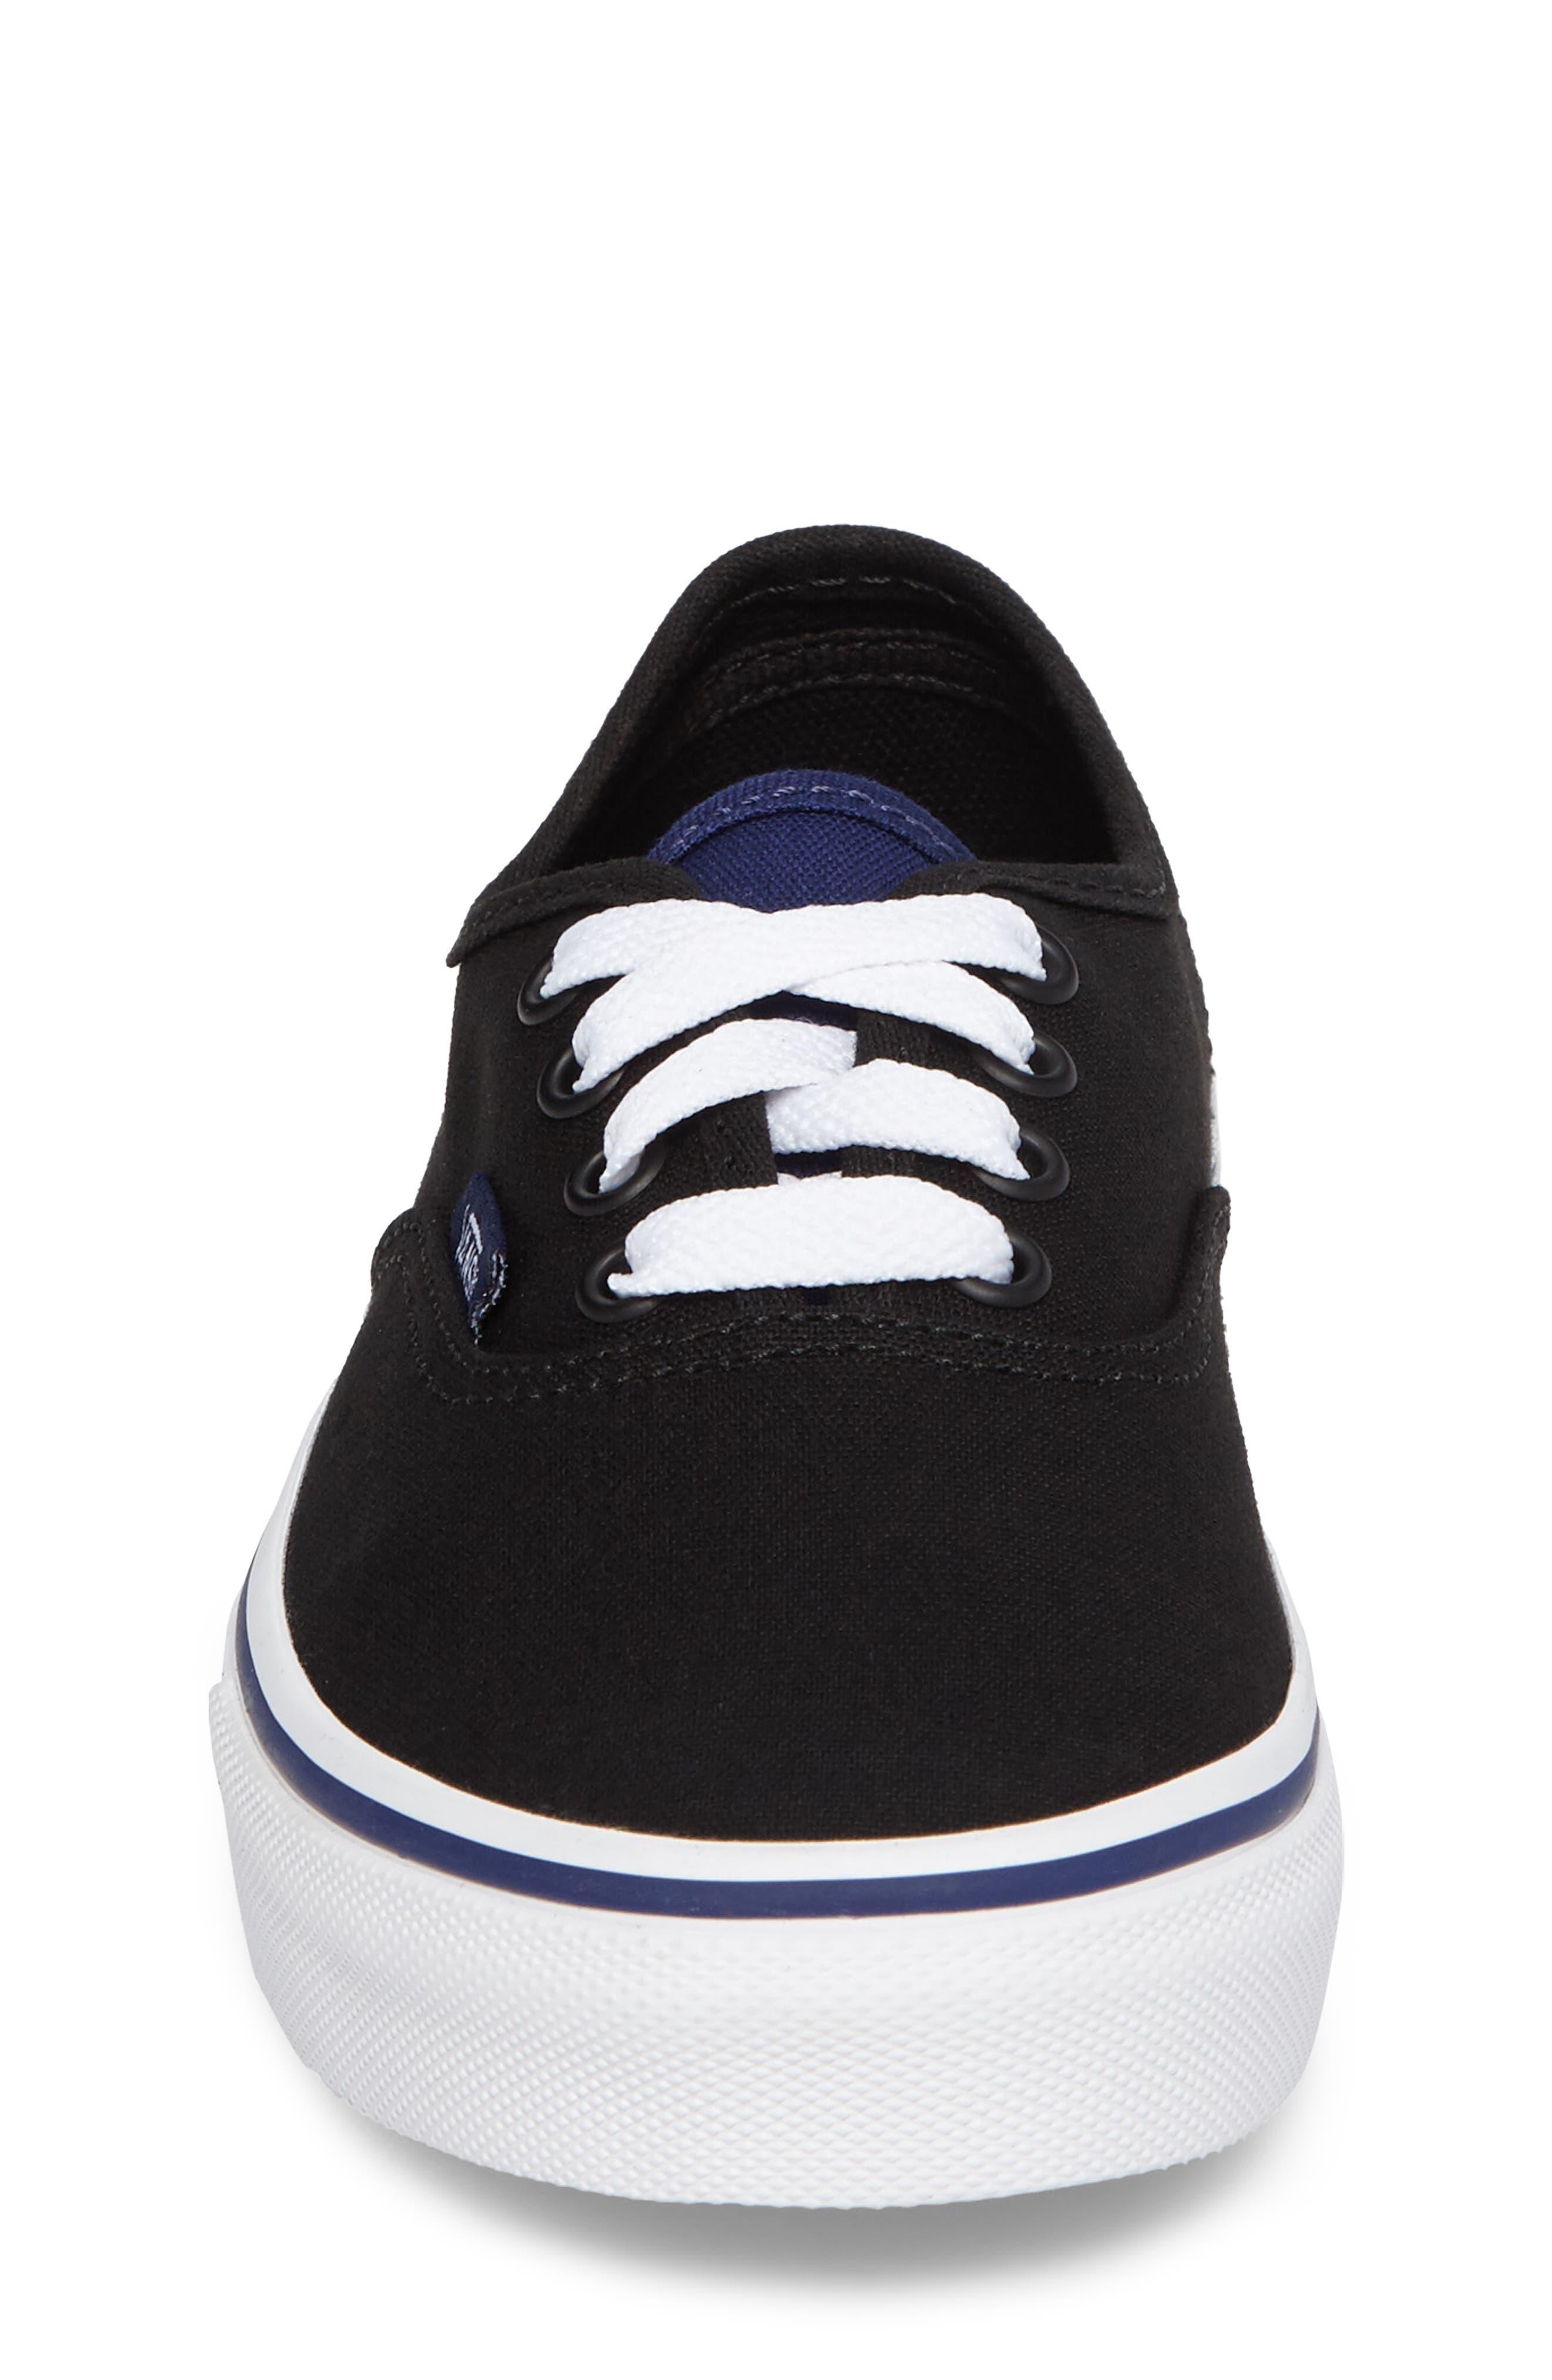 Alternate Image 4  - Vans 'Authentic' Sneaker (Little Kid & Big Kid)